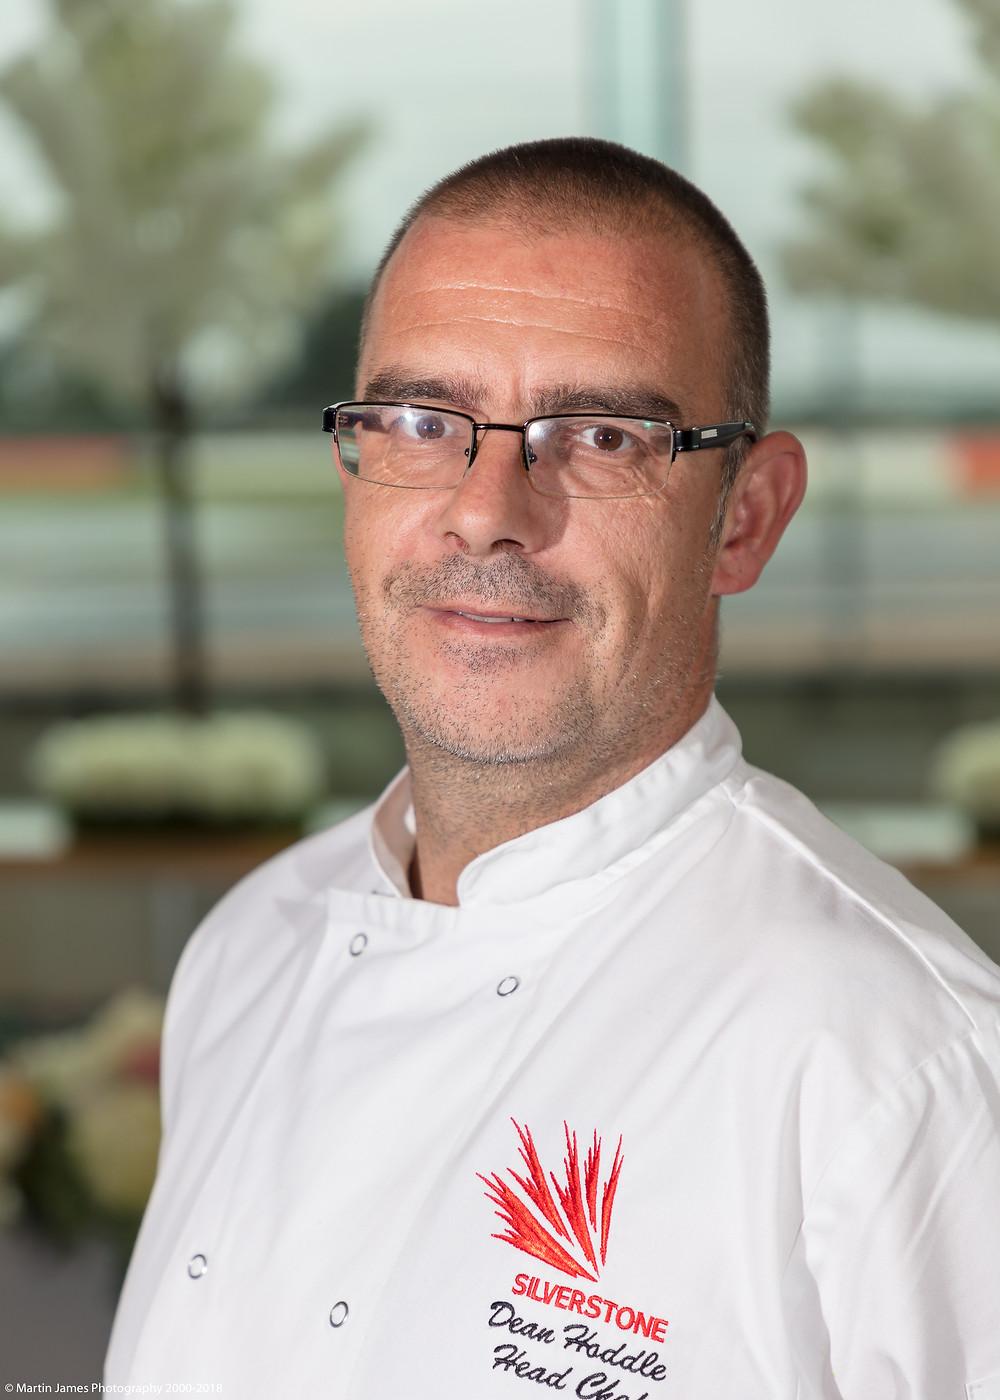 Dean Hoddle, Head Chef, Silverstone Circuits Ltd